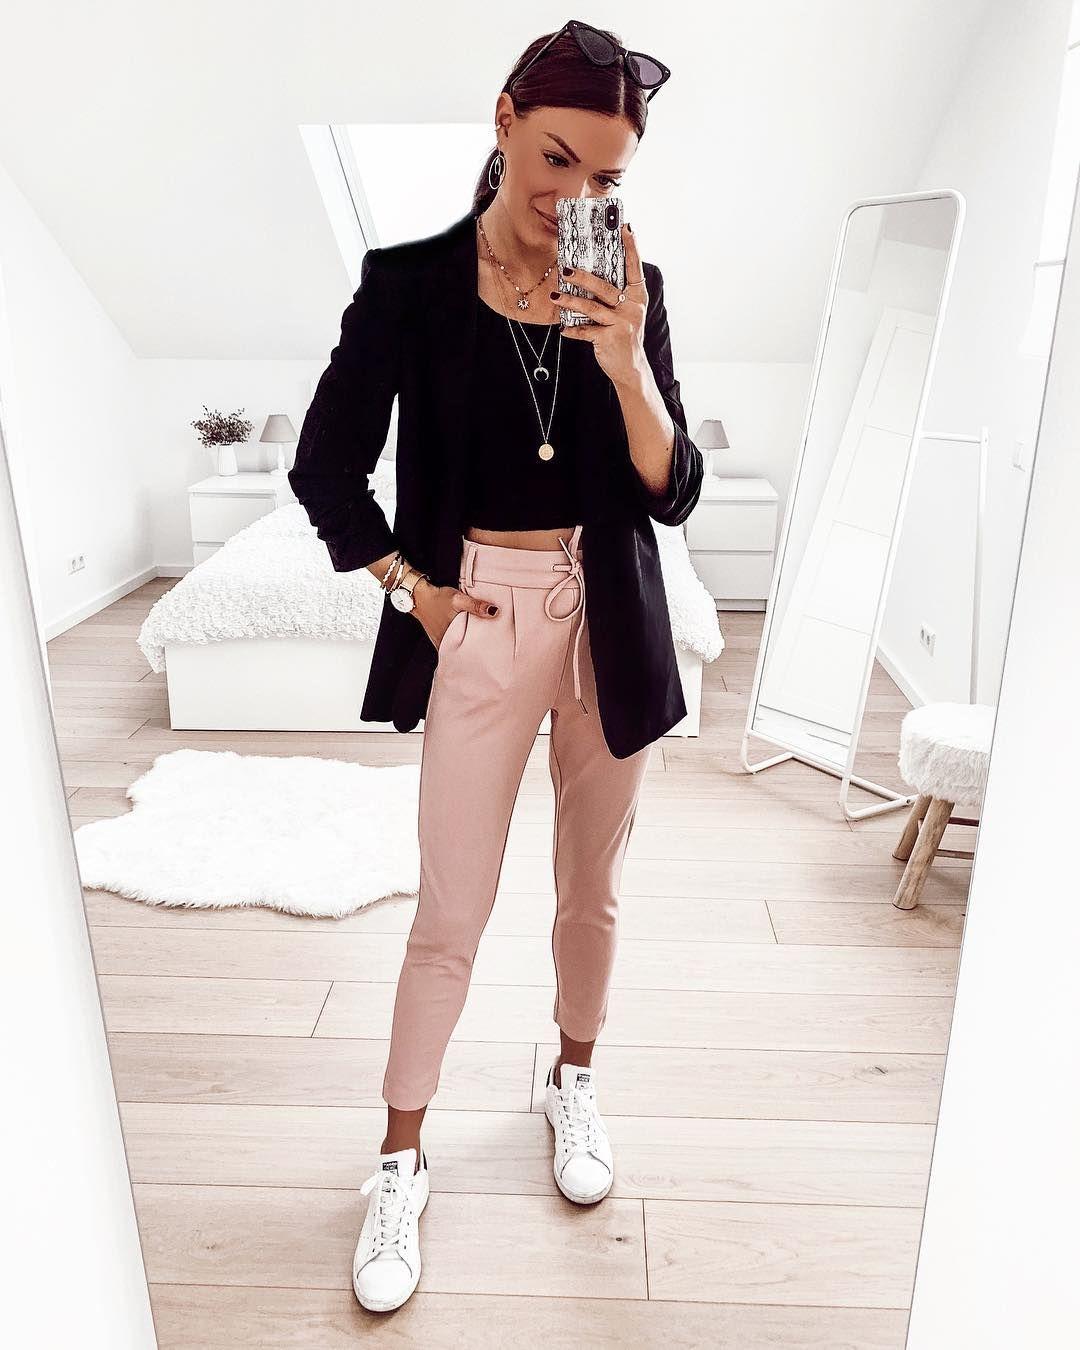 """Photo of FASHIONPUGLADY DI JAQUELINE su Instagram: """"Buongiorno 🤗   Annuncio   … un altro giorno … un altro blazer 🤪 L'outfit è completamente di @aboutyoude uuuand nella mia storia ora c'è … """""""